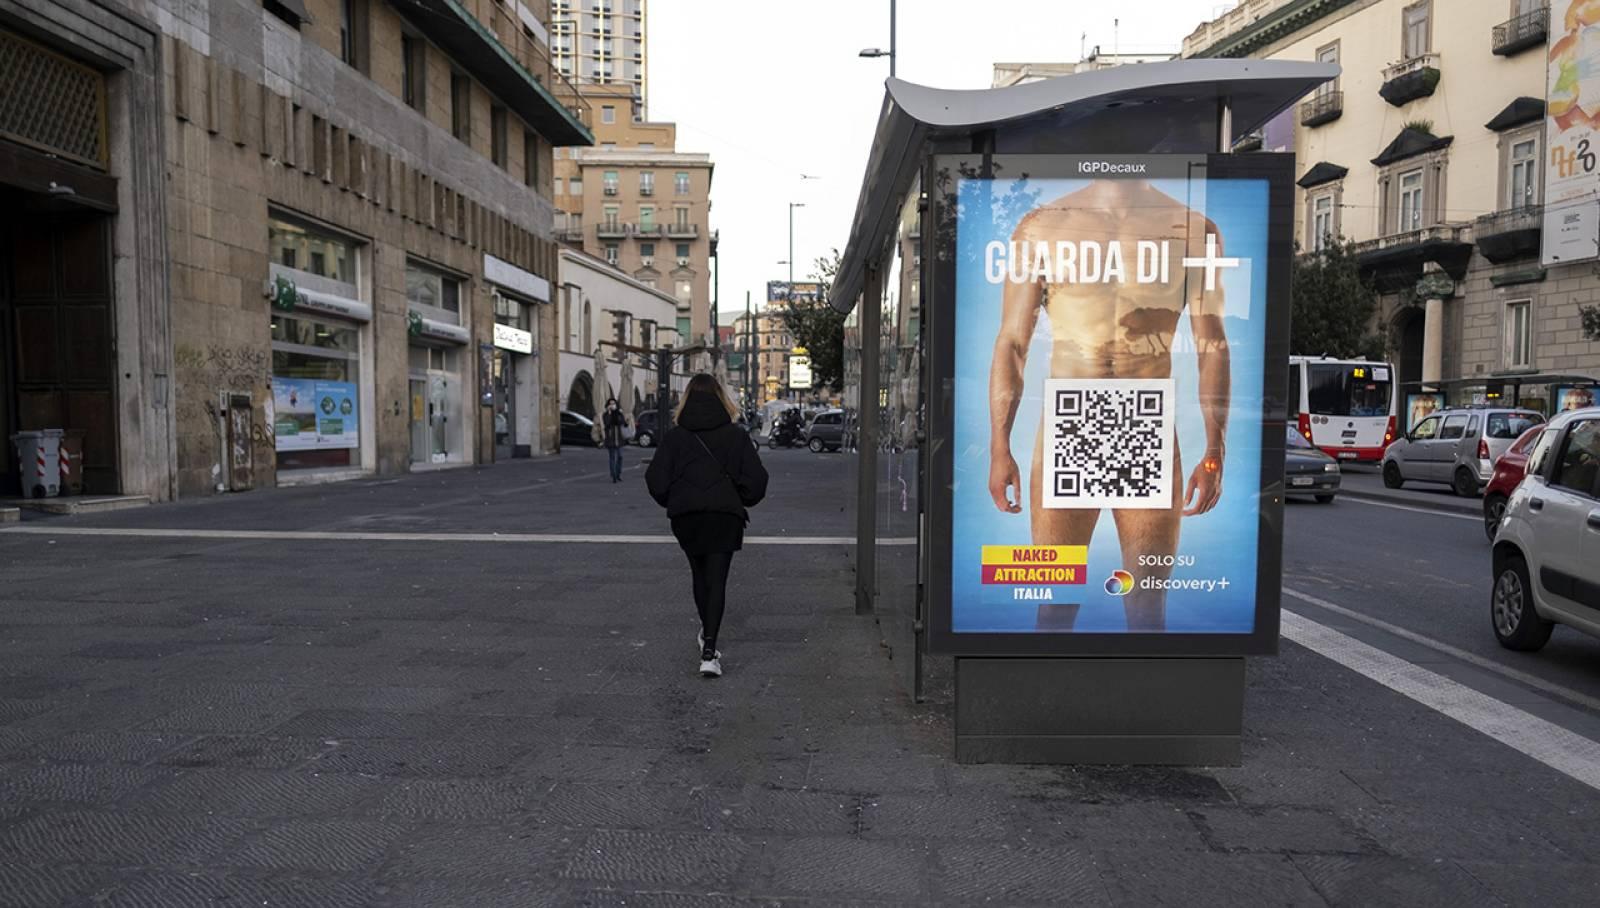 IGPDecaux Napoli Pubblicità sulle pensiline per Discovery Italia